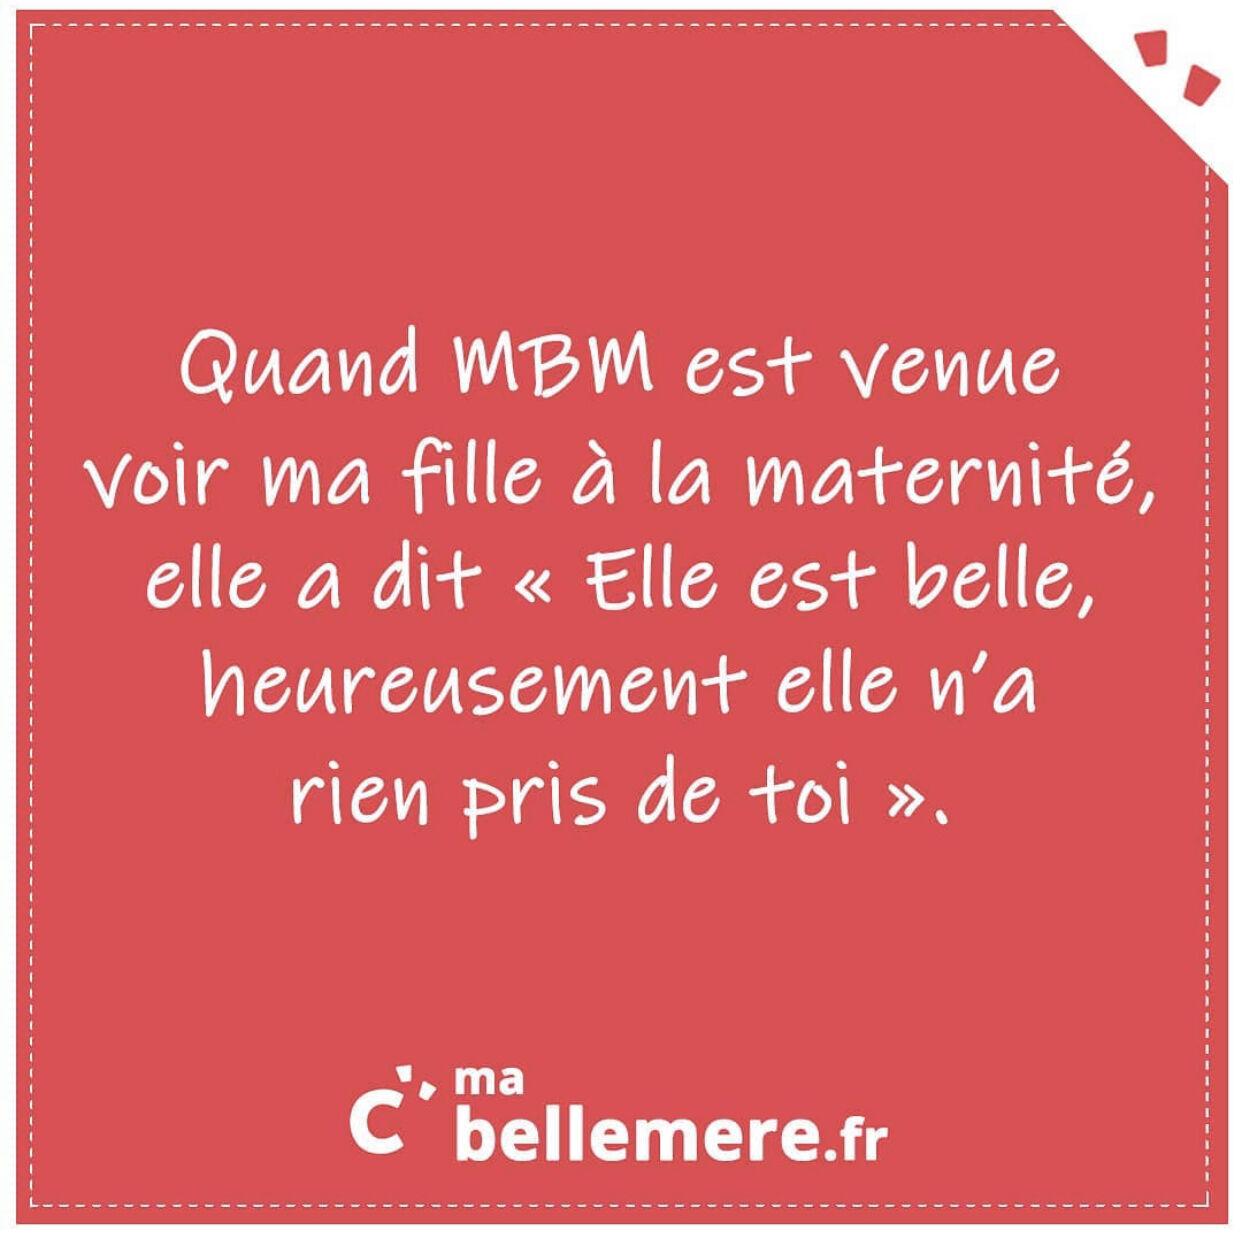 """Quand MBM est venue voir ma fille à la maternité, elle a dit """"elle est belle, heureusement elle n'a rien pris de toi""""."""